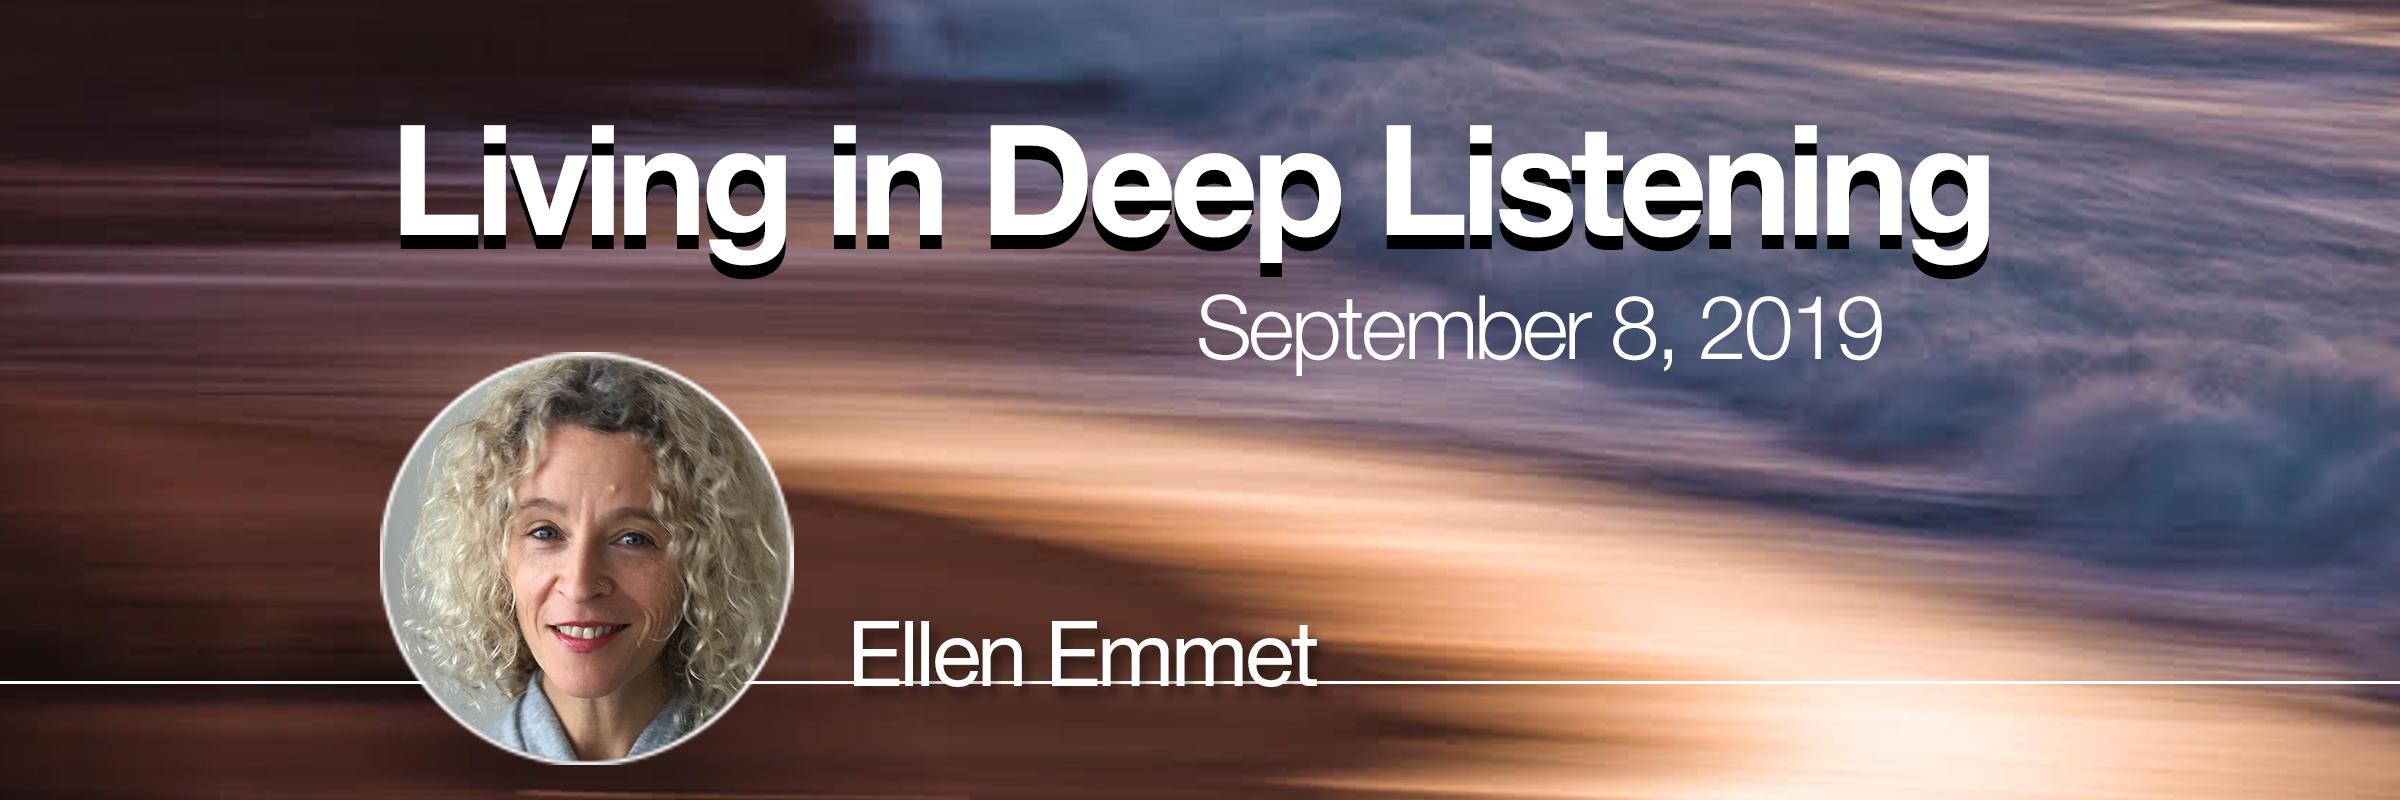 Ellen Emmet